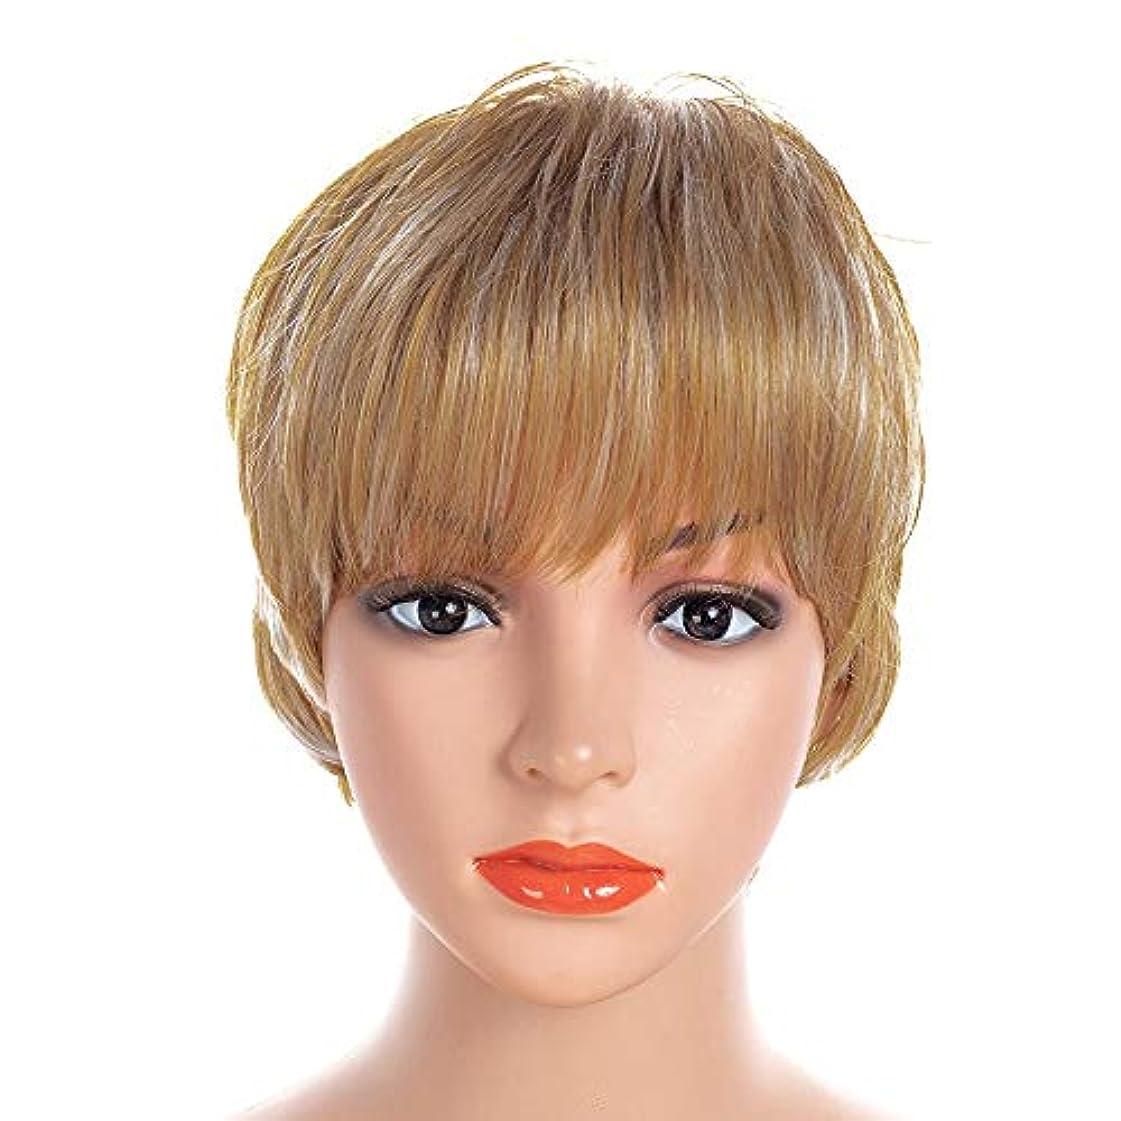 侵入する解決突き刺すYOUQIU 上品なボブスタイルCospalyパーティーヘアウィッグかつらでレディースショートカーリーブロンドのかつら (色 : Blonde, サイズ : 30cm)